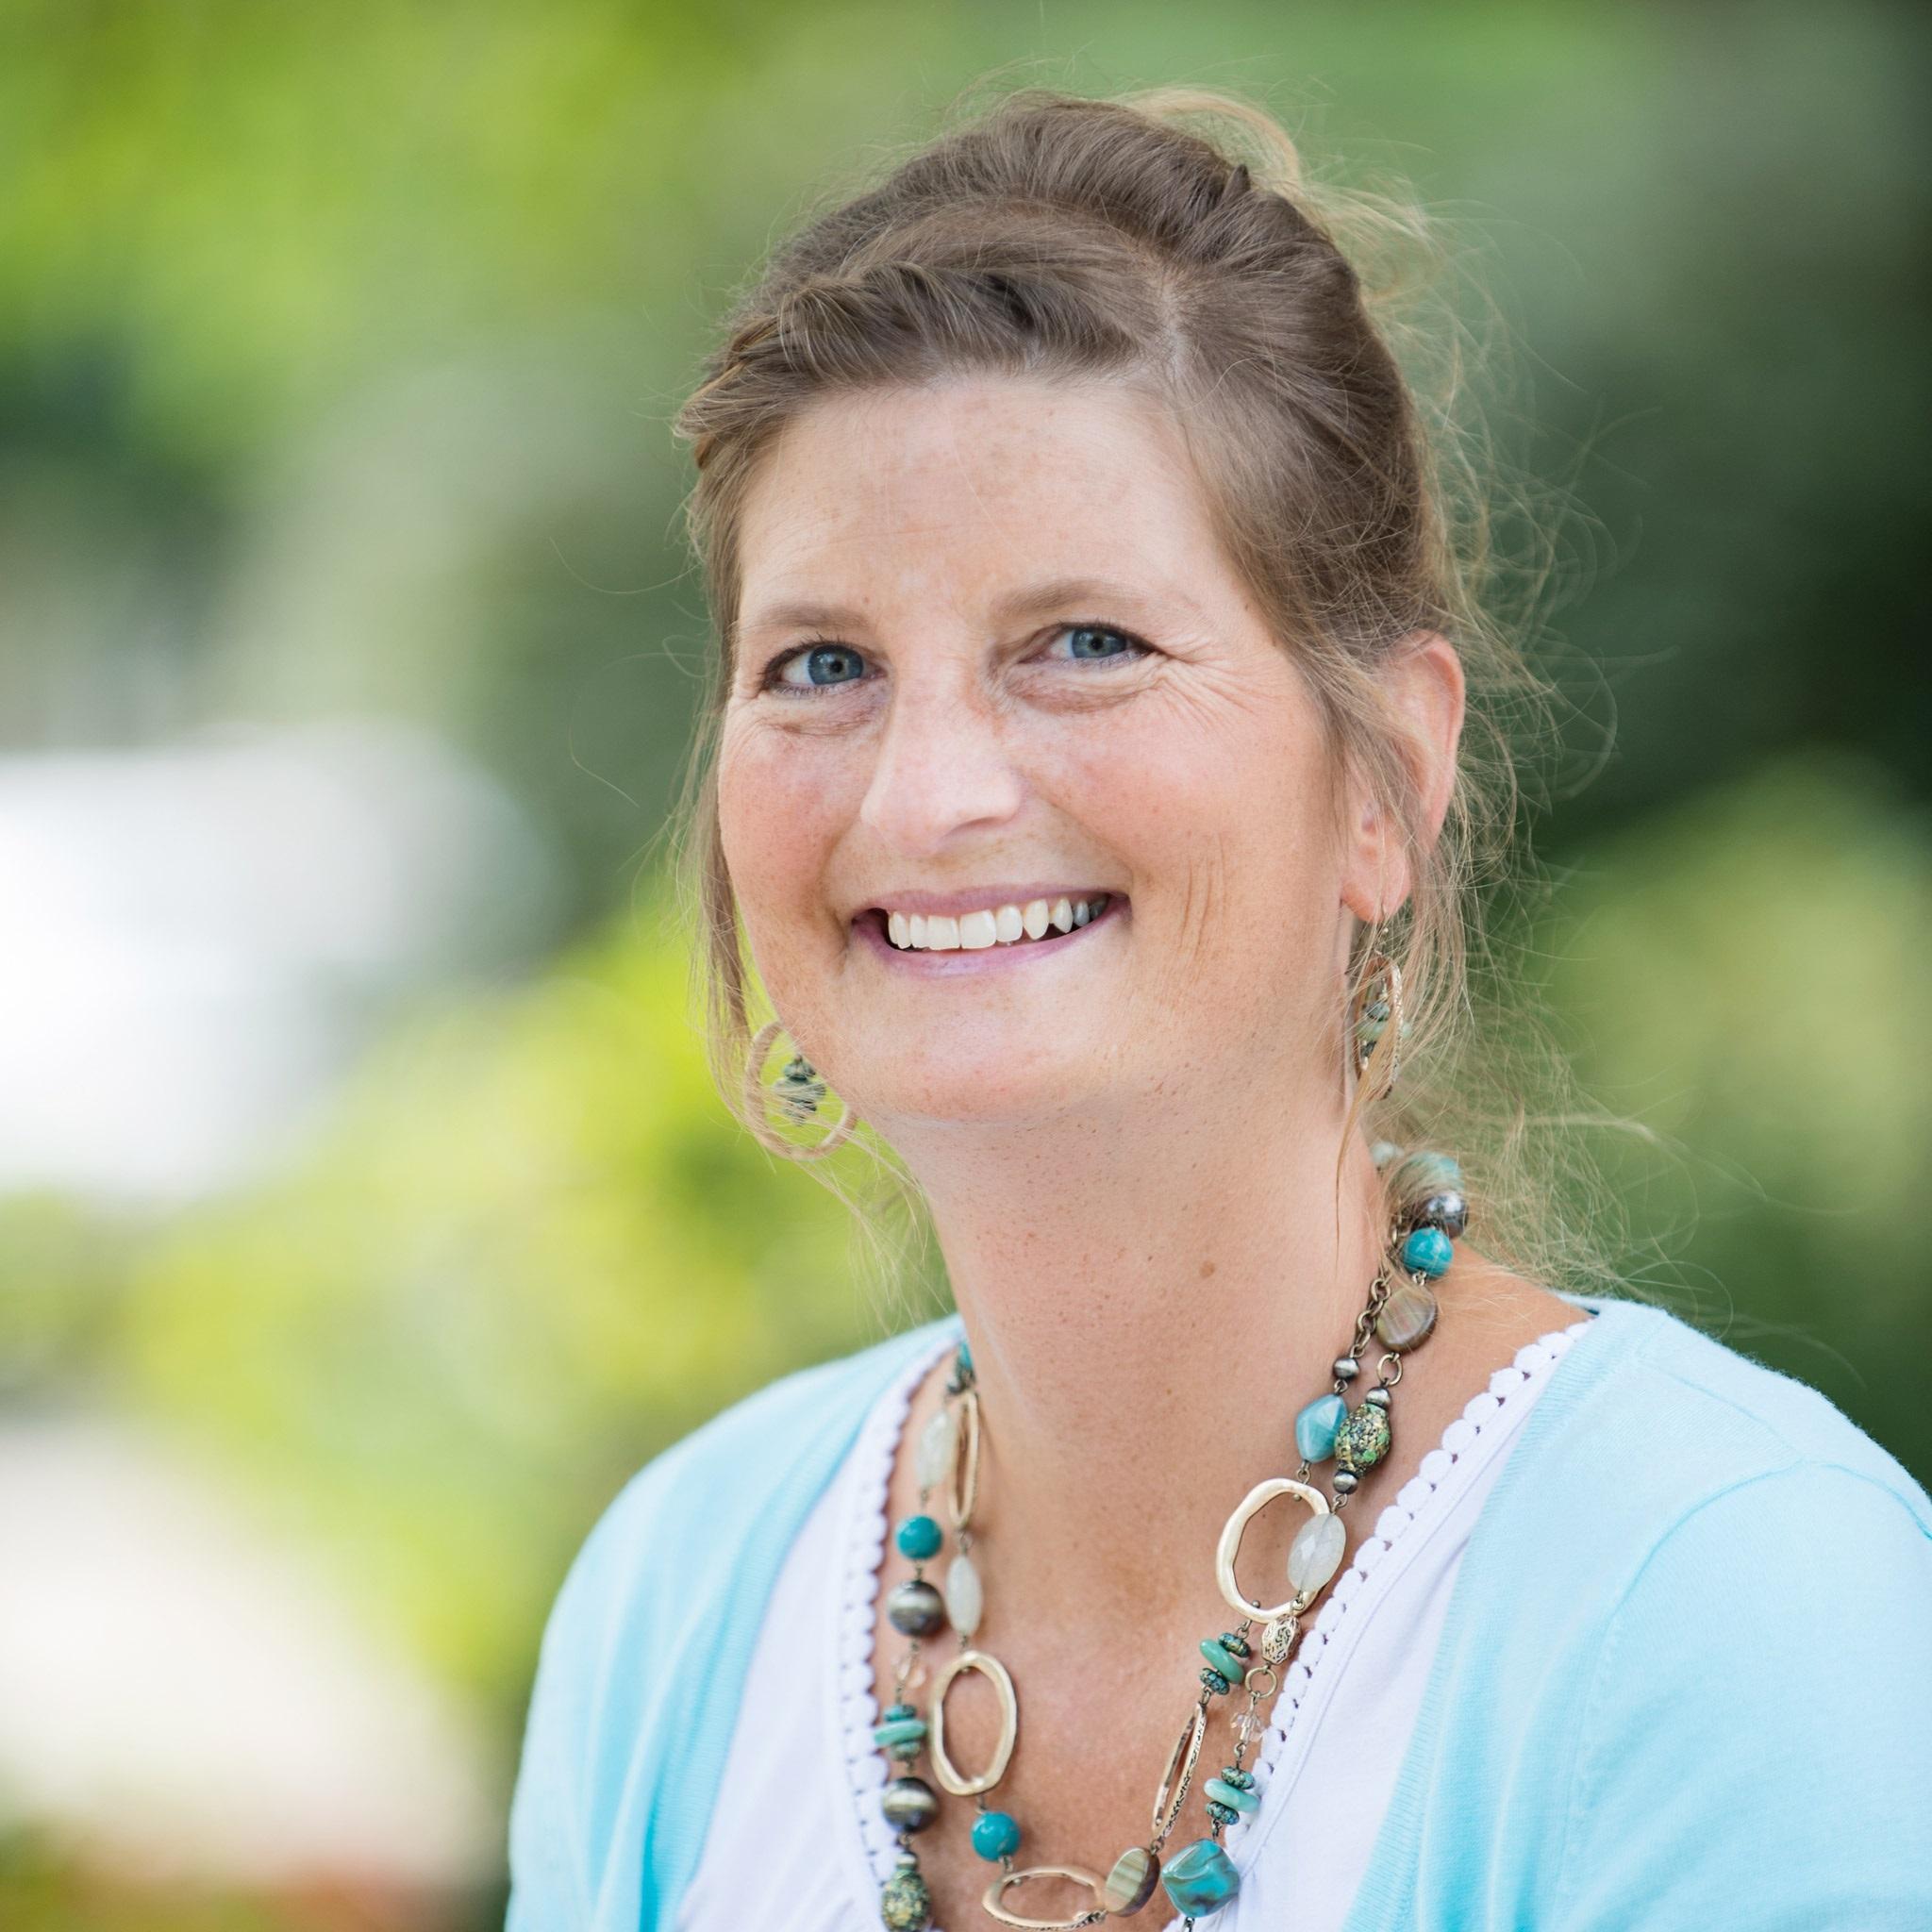 Aimee Dekker, Director of In-Home Services